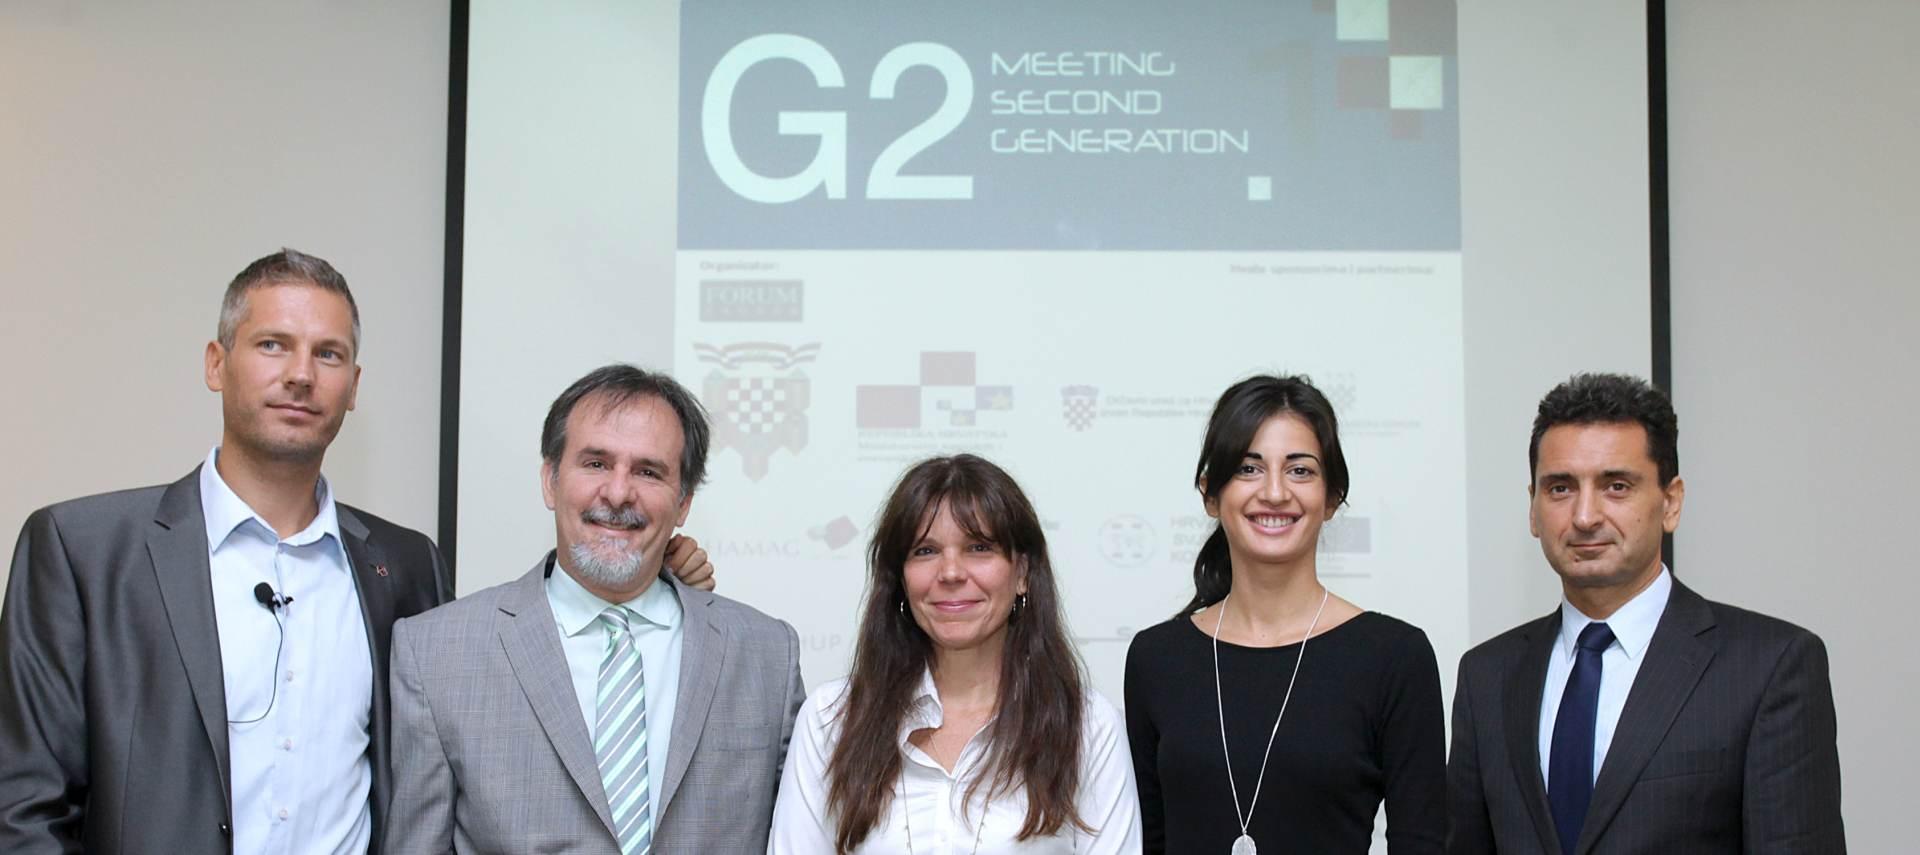 KONFERENCIJA MEETING G2.1: Vrijeme je za ulaganja u Hrvatskoj!